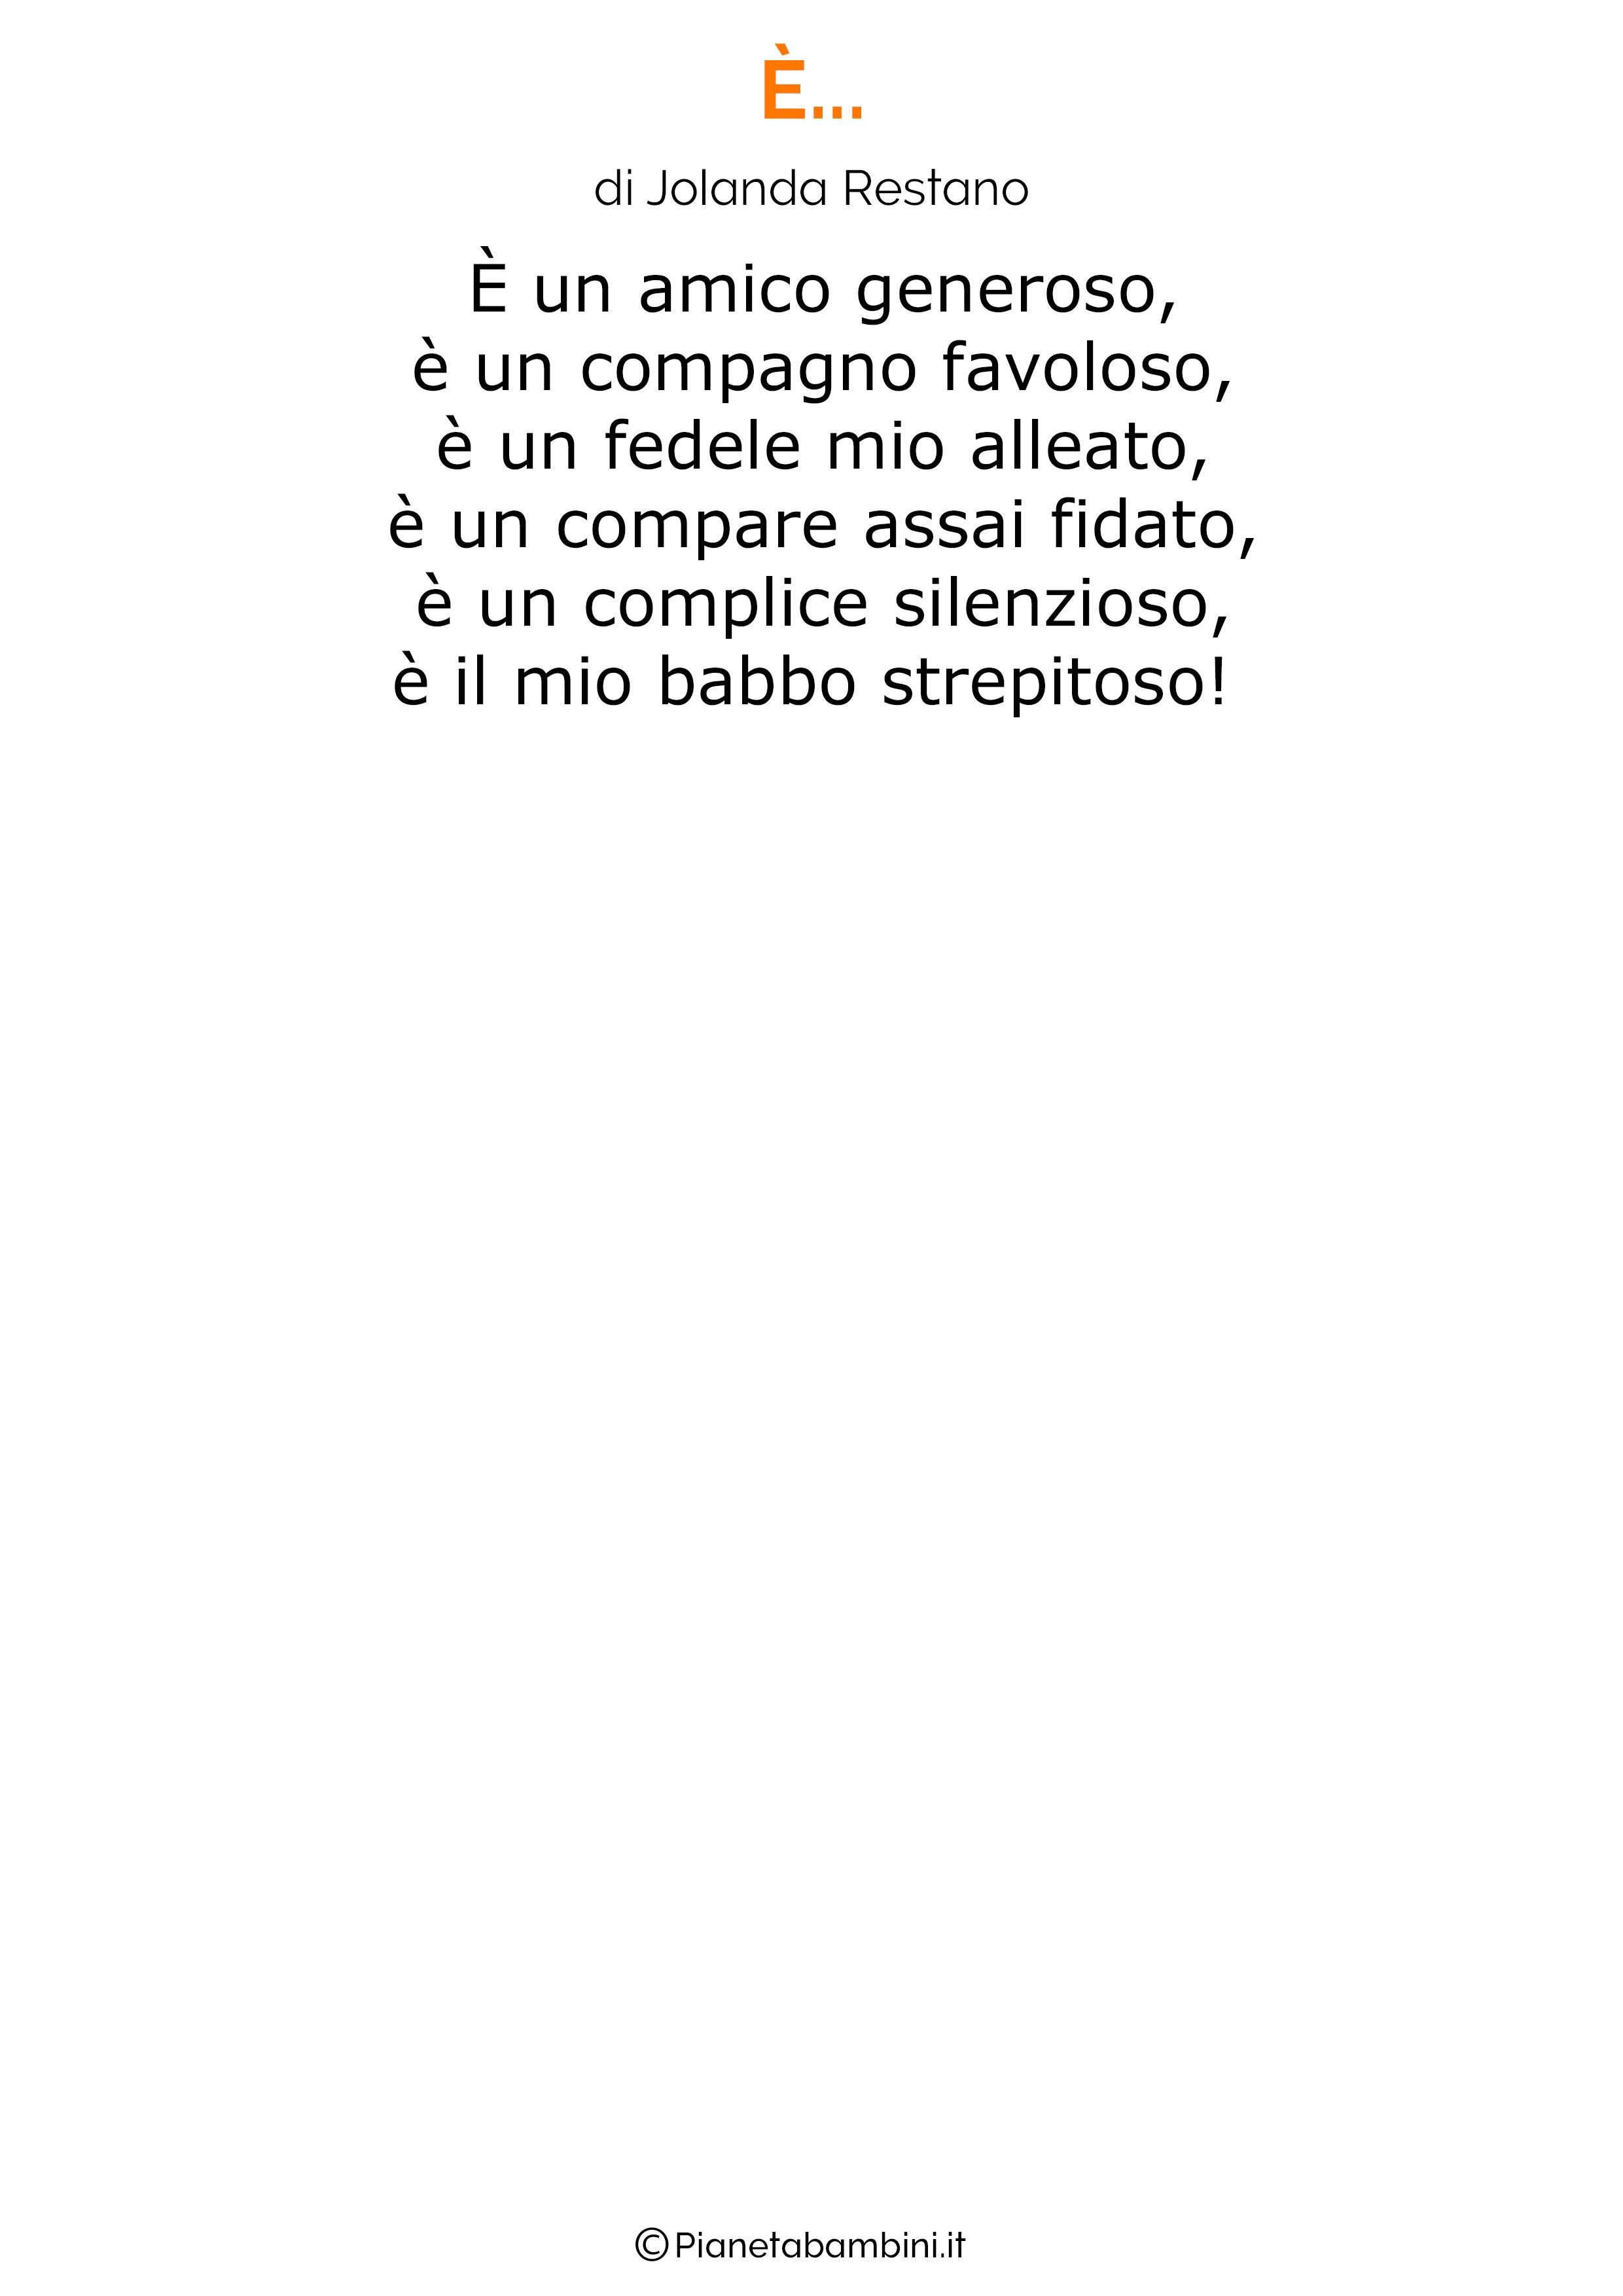 Poesia per la festa del papa per bambini 11